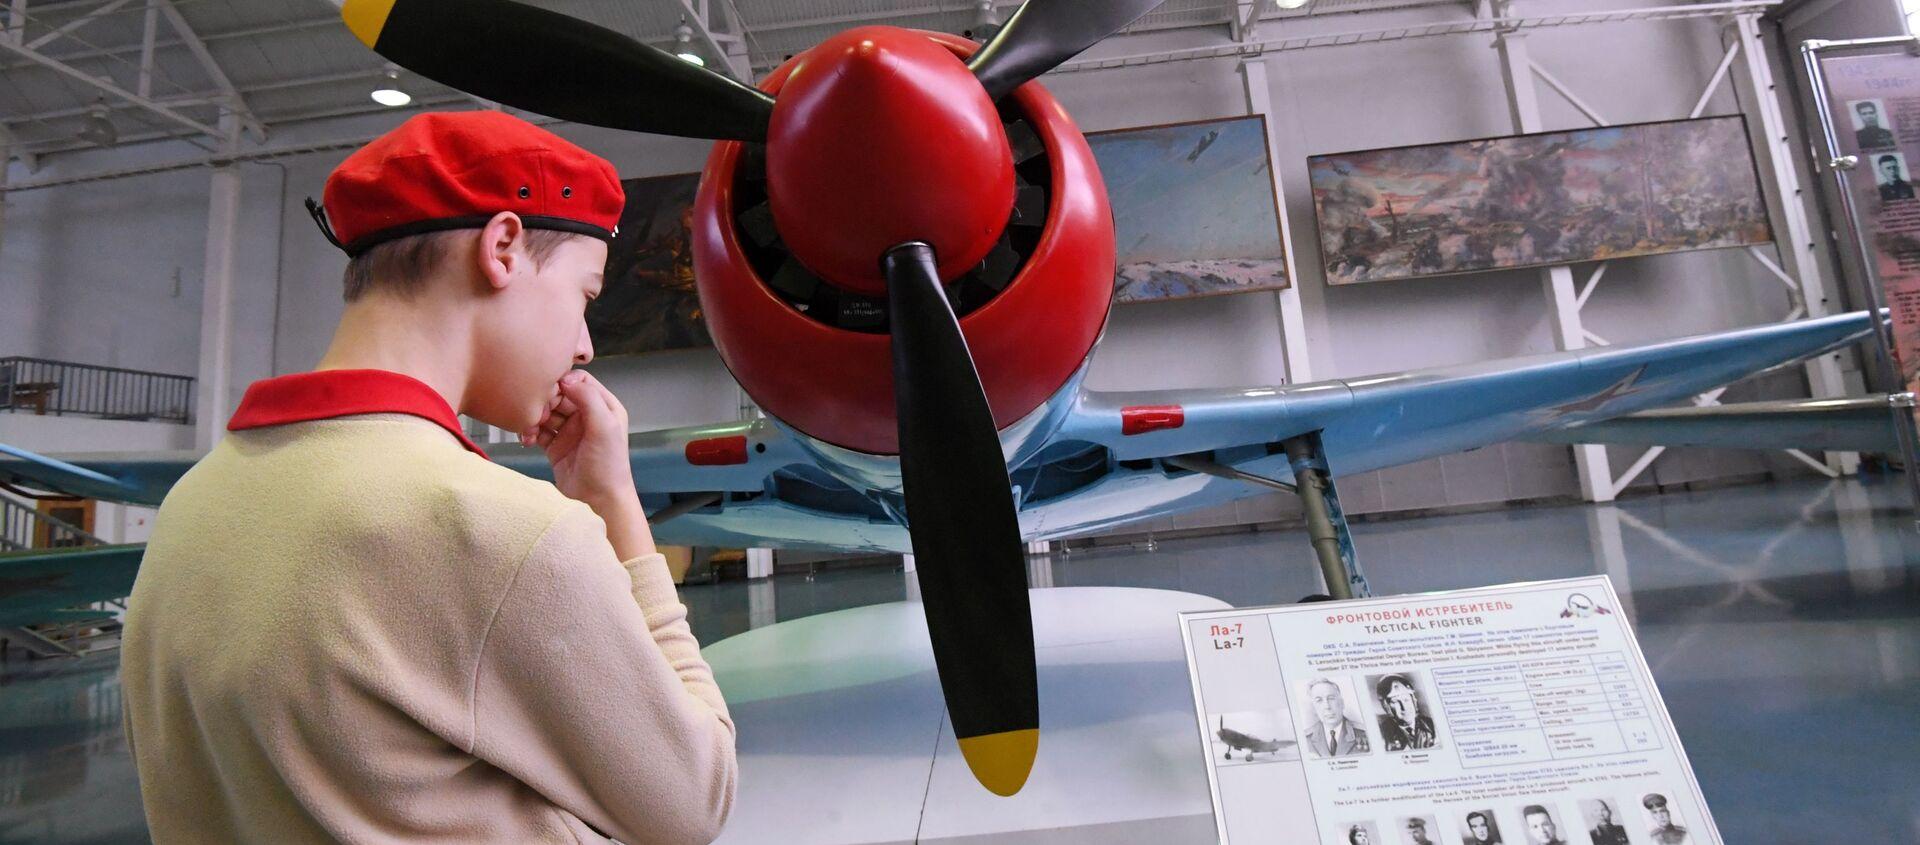 Thiếu sinh quân xem chiếc máy bay chiến đấu La-7 mà phi công ba lần Anh hùng Liên Xô I. Kozhedub đã sử dụng để bắn hạ 17 máy bay địch, được triển lãm tại Bảo tàng Không quân Trung ương ở Monino - Sputnik Việt Nam, 1920, 20.02.2020